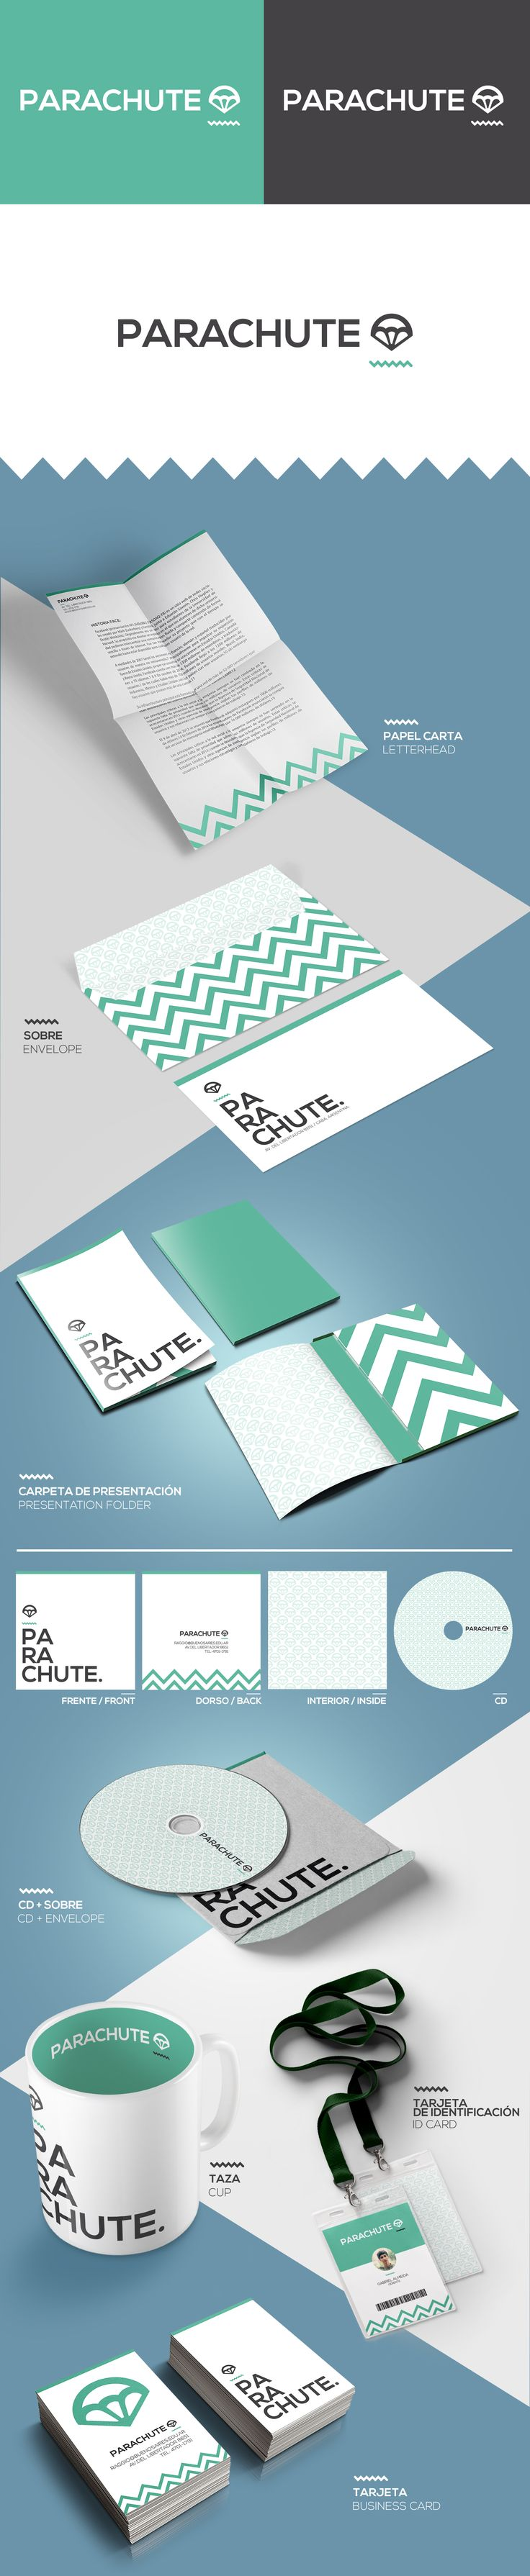 Parachute. Diseño de Logo y Marca :: Branding. By: Tomas Gesto y Gabriel Almeida. http://be.net/gallery/50816439/Parachute-Marca-Branding